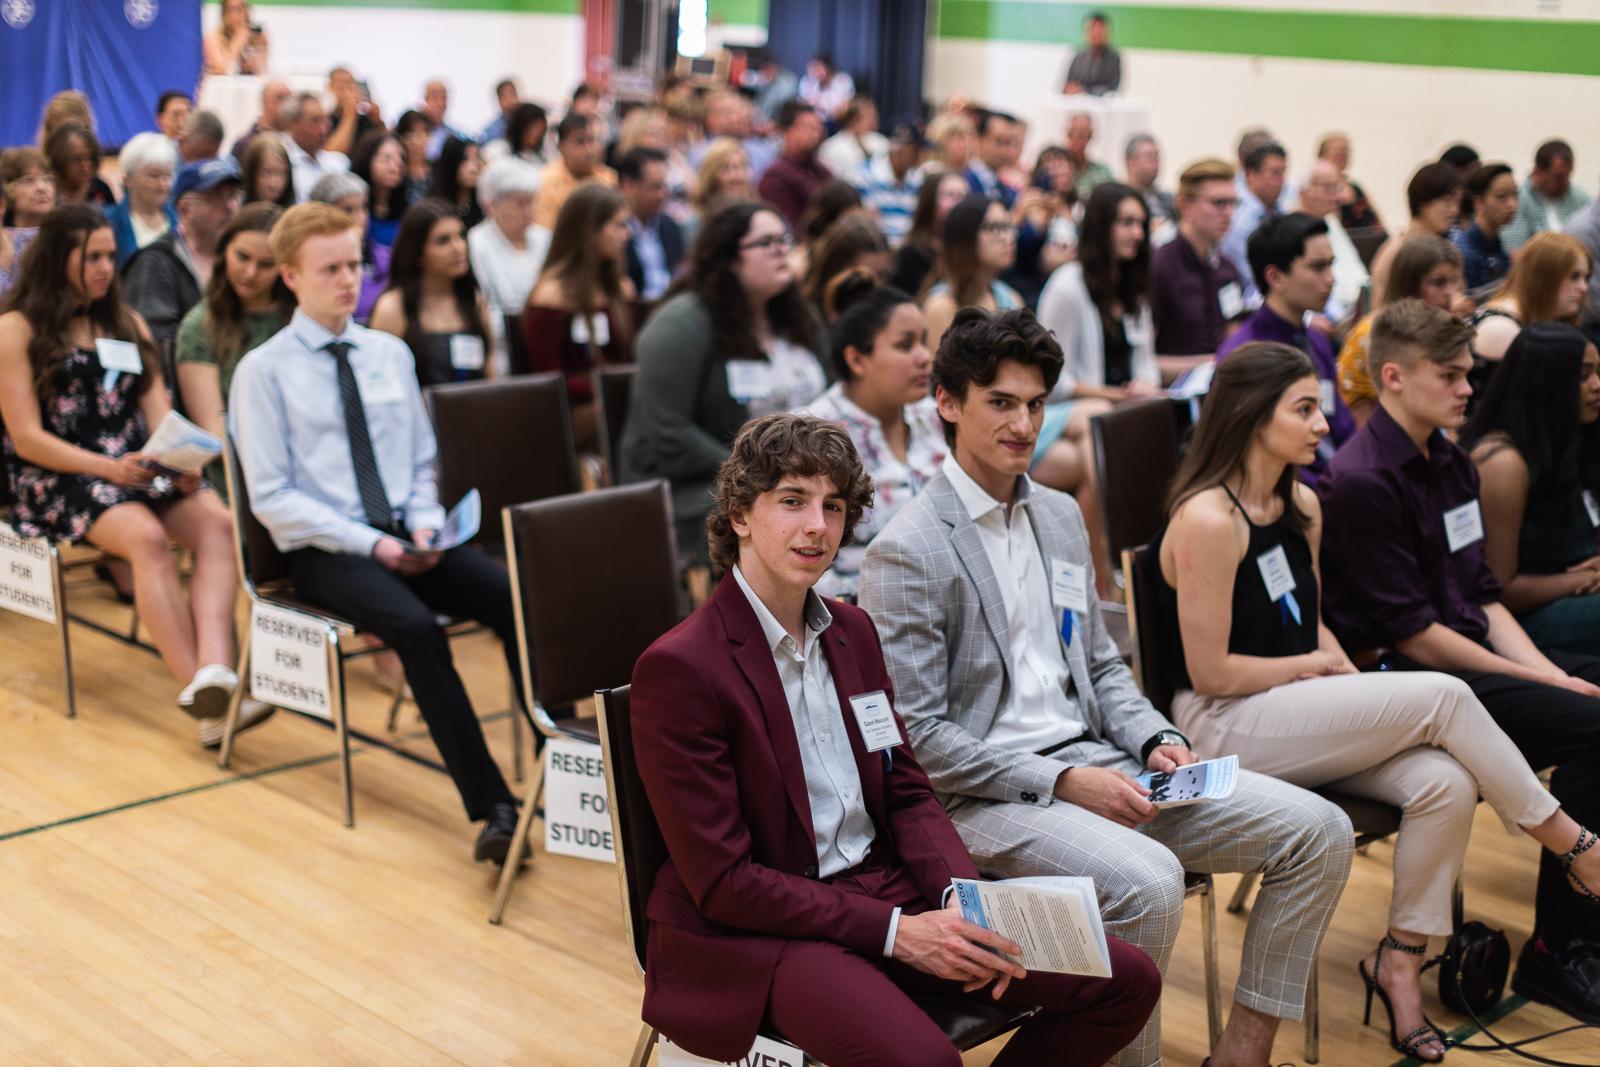 scholarship-bursary-award-reception-123.jpg